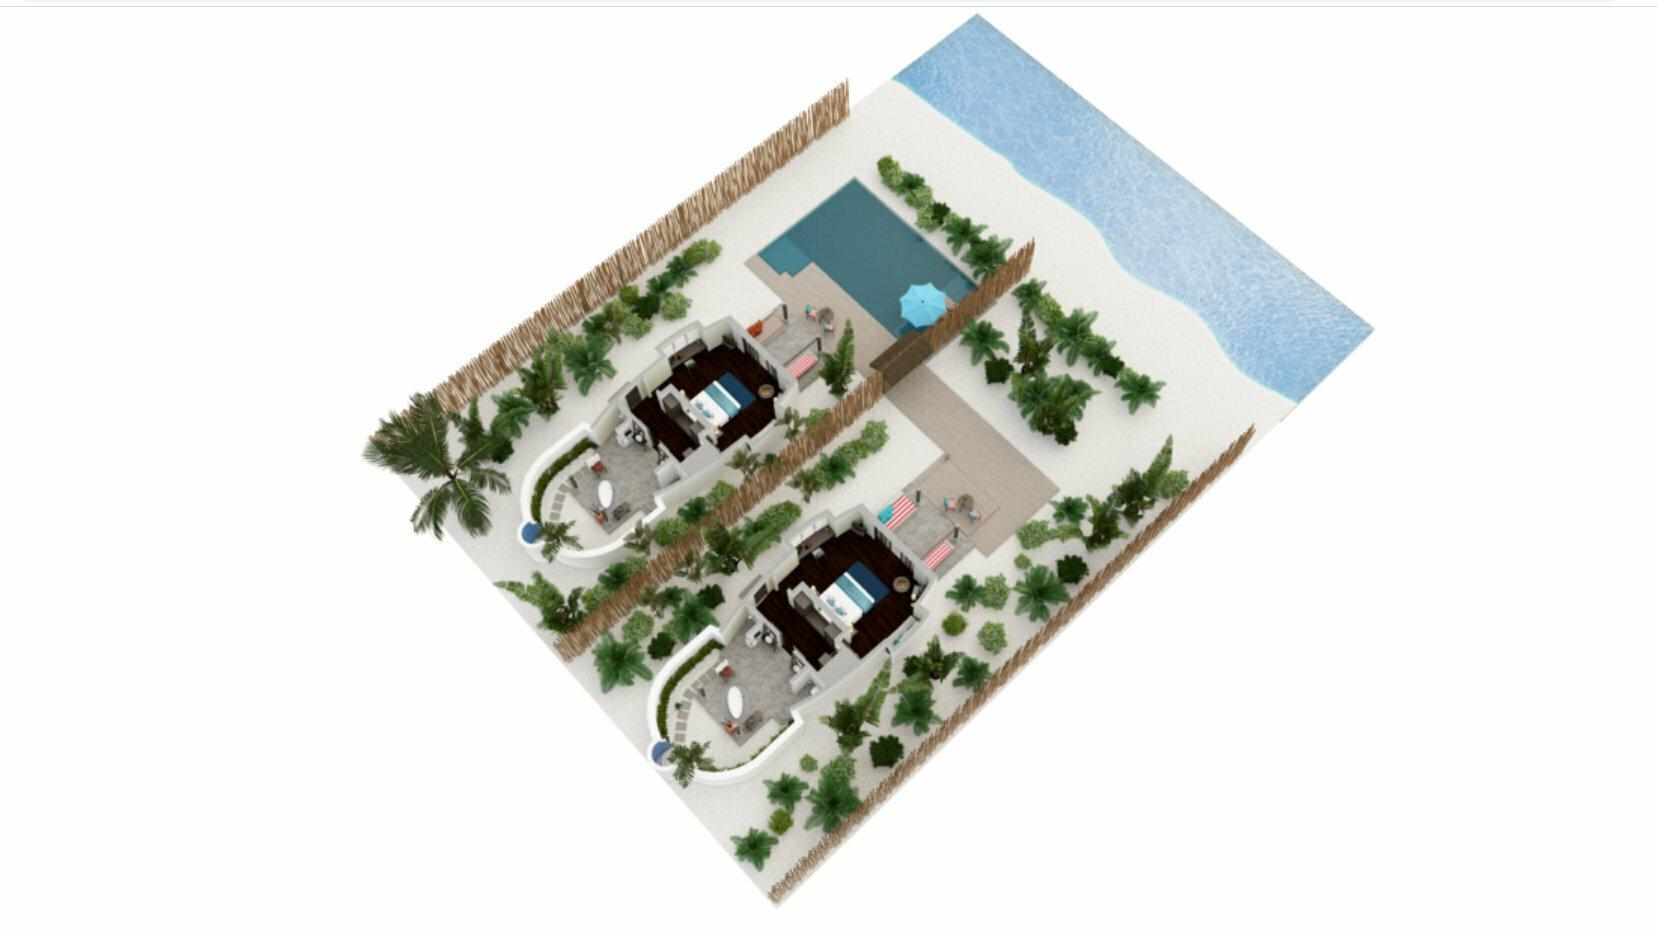 Мальдивы, отель Anantara Dhigu Maldives Resort, план-схема номера Two Bedroom Anantara Pool Villa